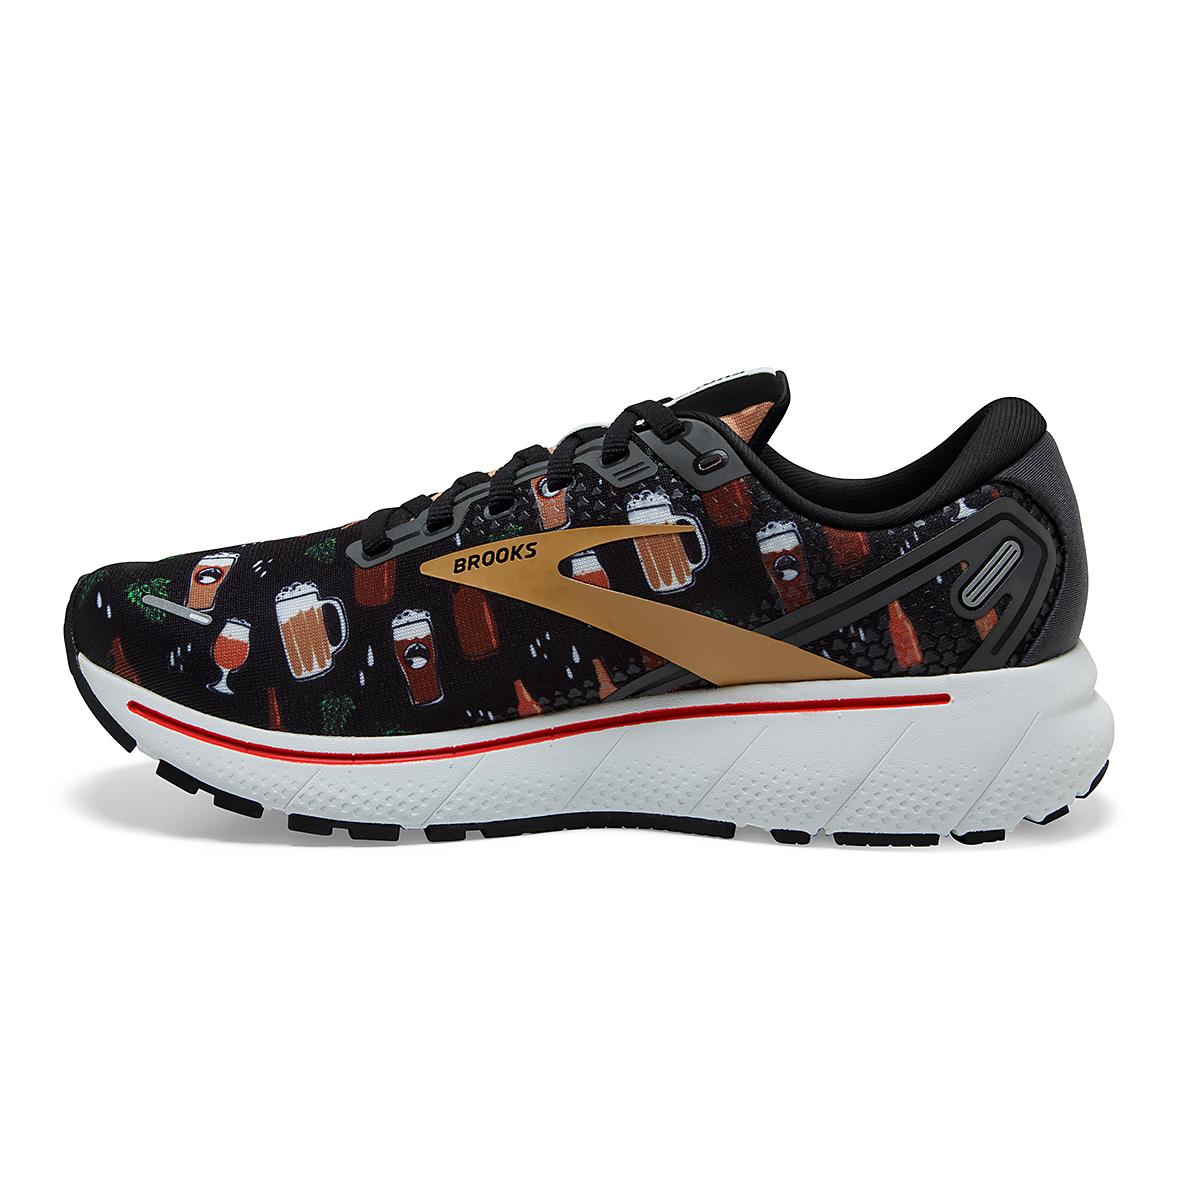 Men's Brooks Ghost 14 Running Shoe - Color: Run Hoppy - Size: 7 - Width: Regular, Run Hoppy, large, image 4